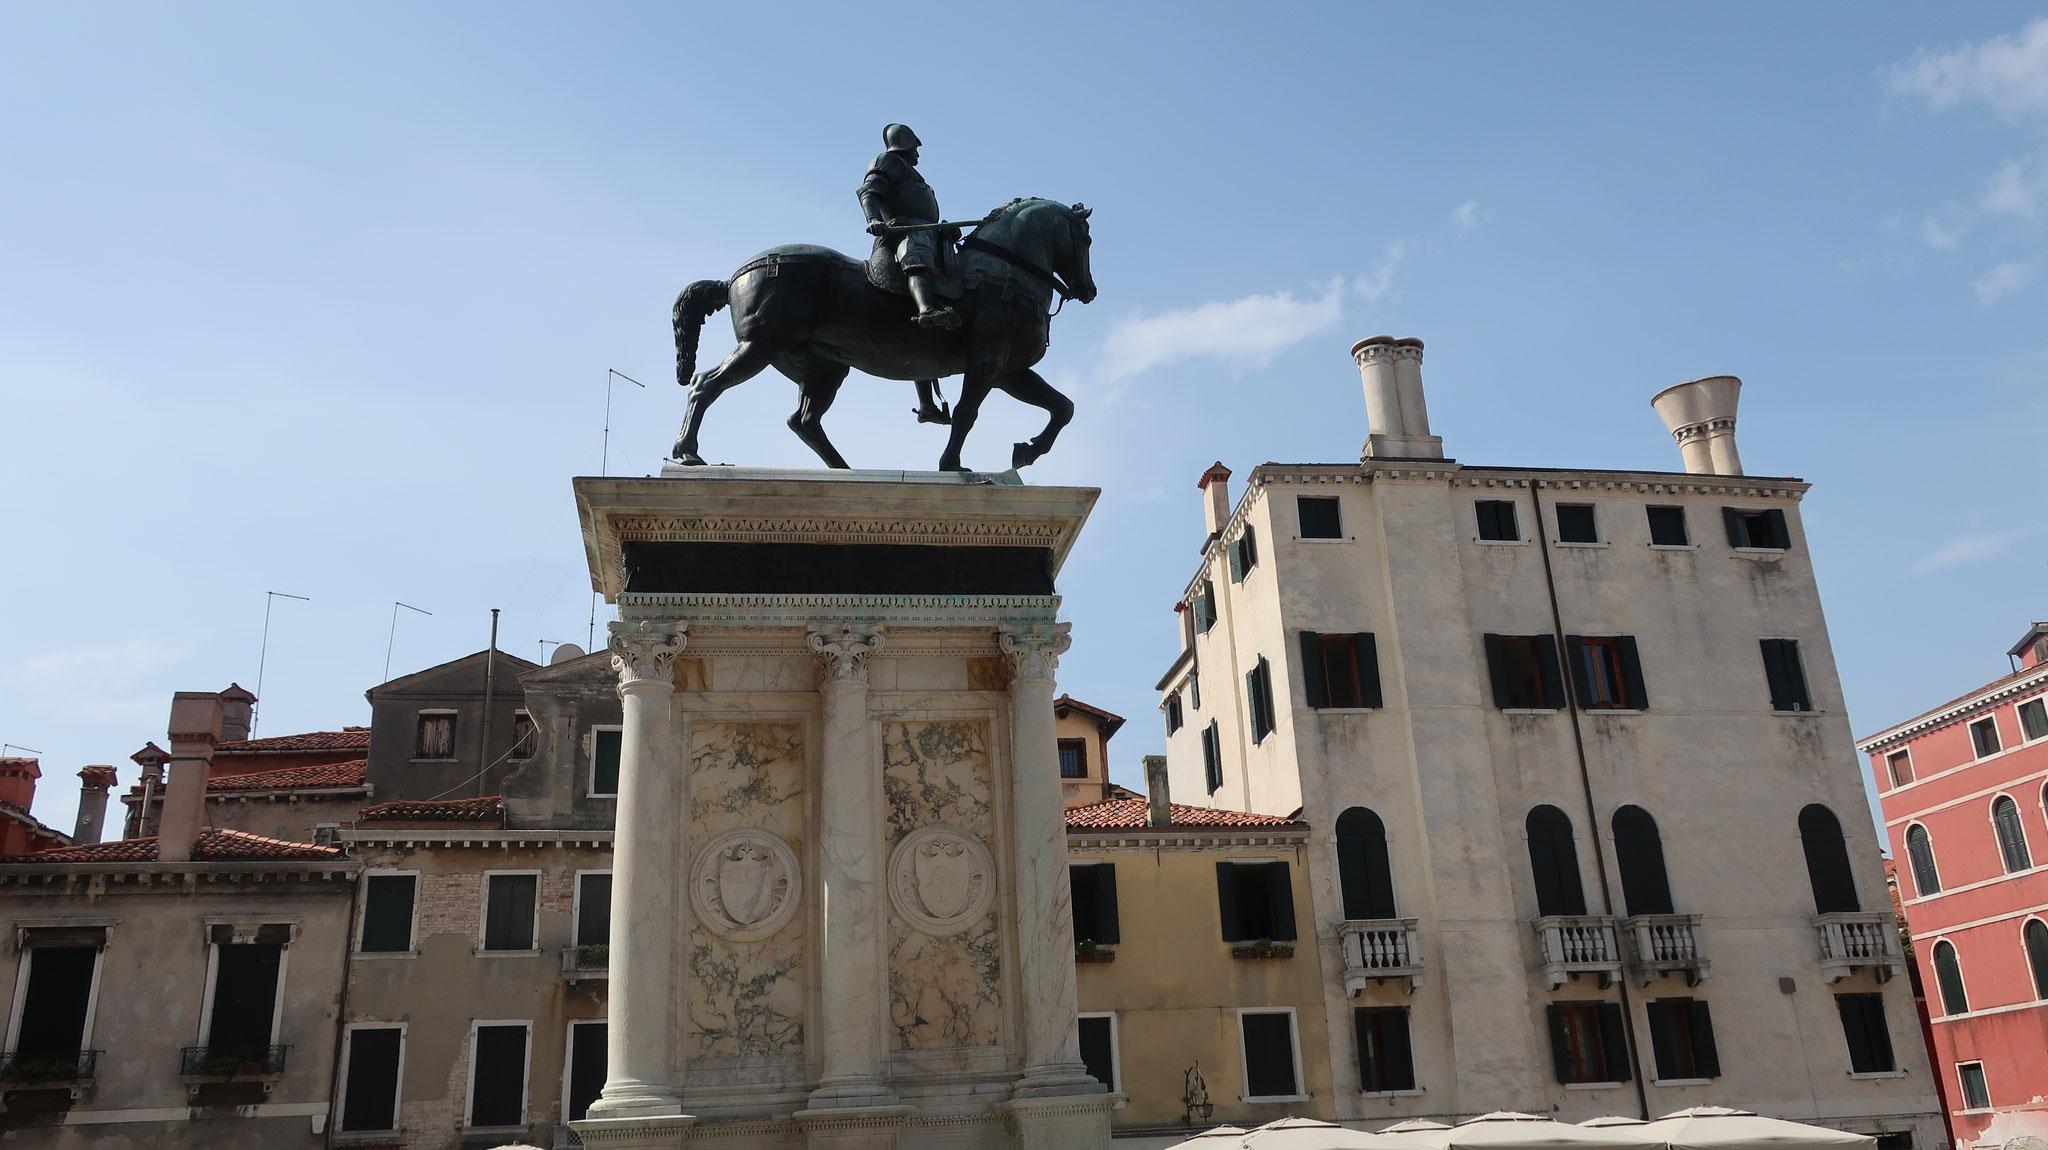 コッレオ一二騎馬像。サンティ・ジョヴァンニ・エ・パオロ広場に立つ、ルネッサンス騎馬像の代表作。 ヴェロッキオ作。